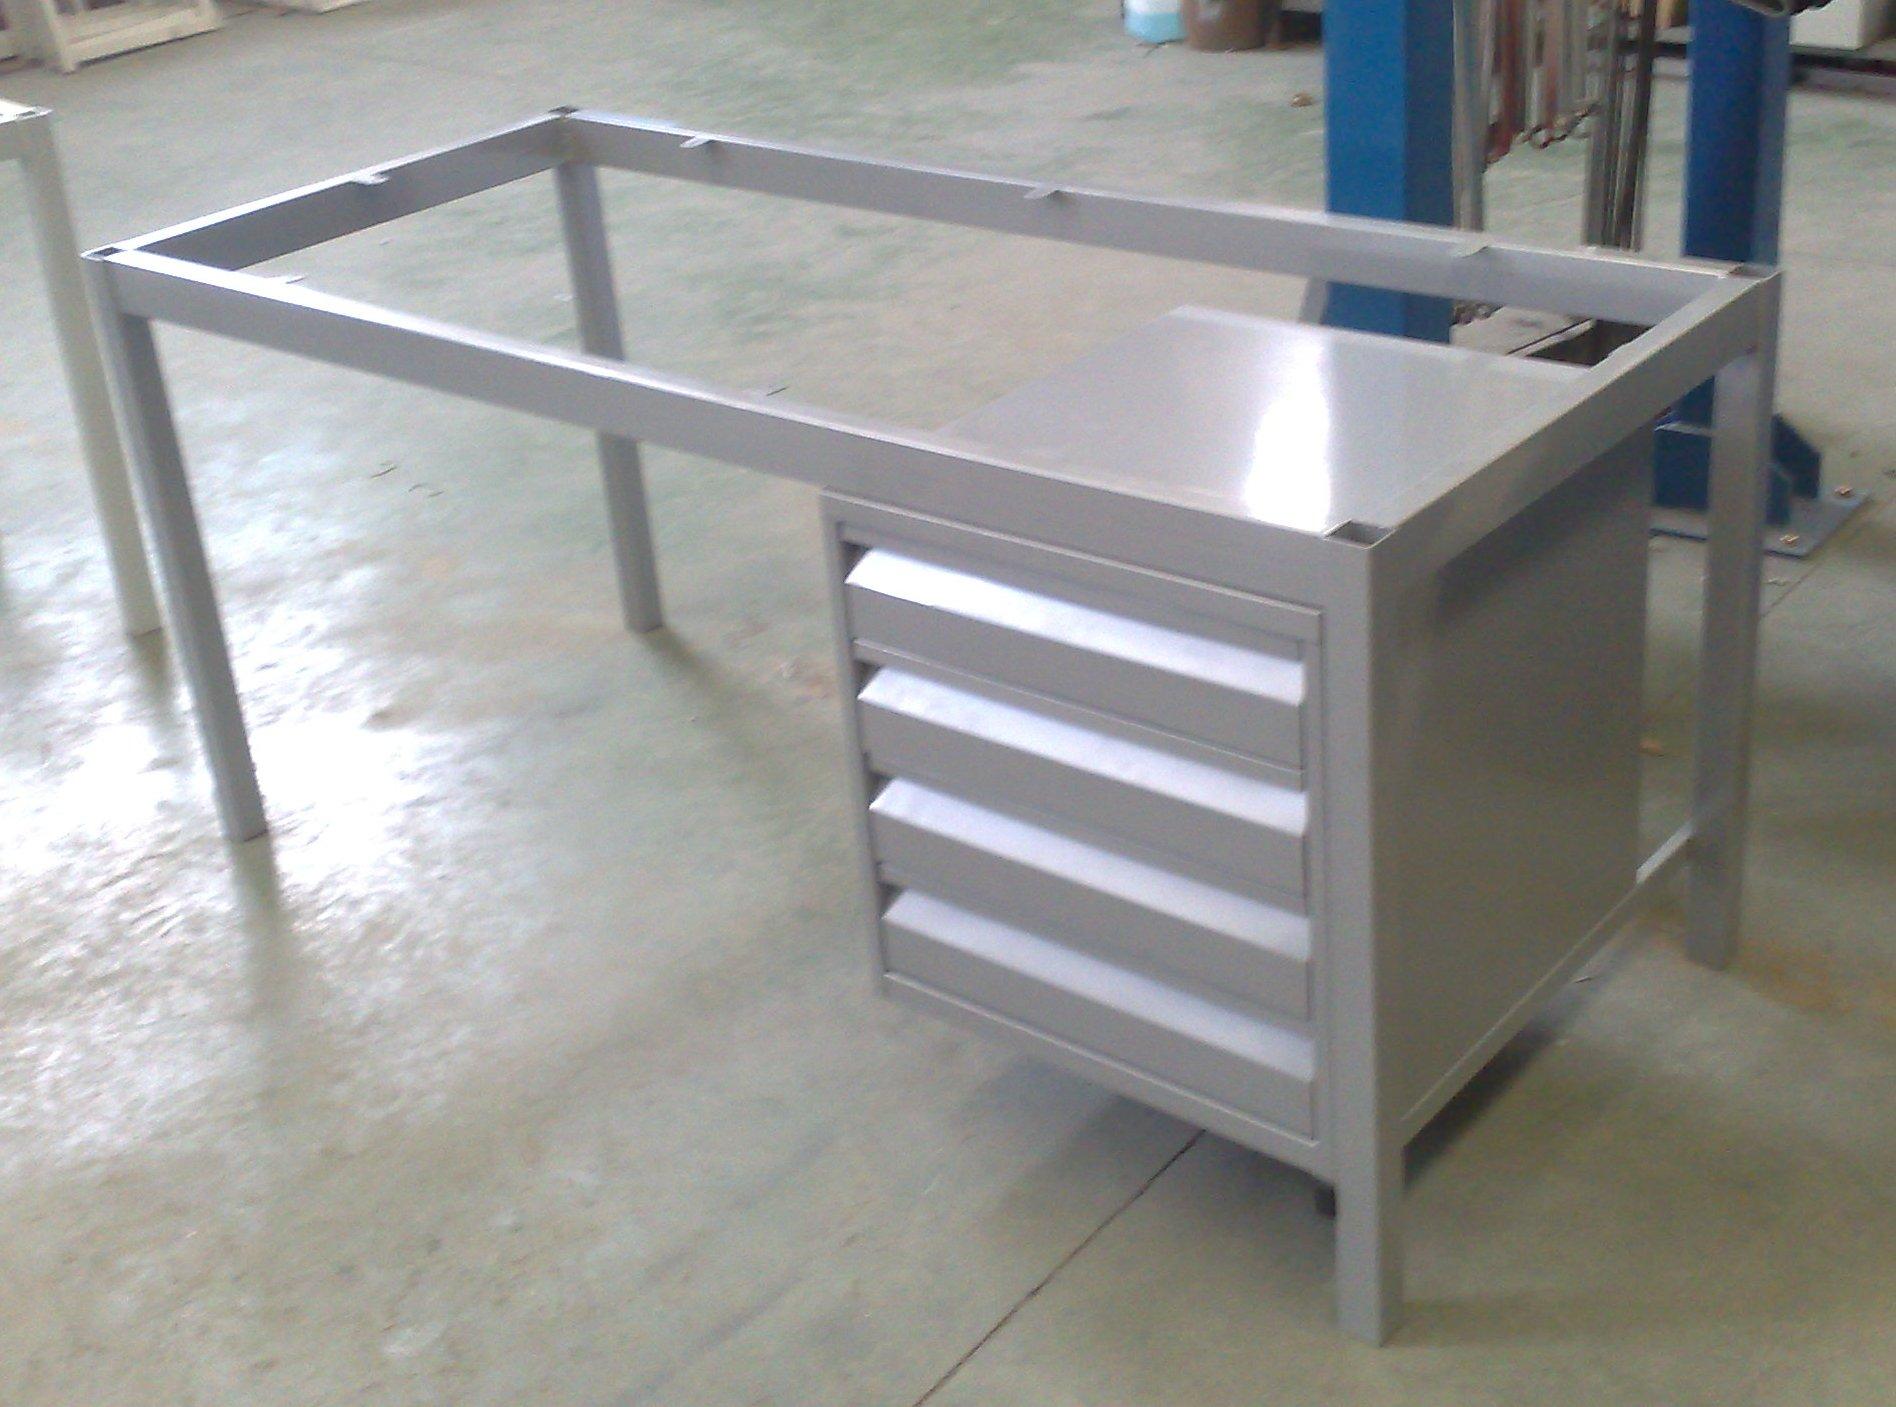 Fabricacion de muebles metalicos a medida en madrid y toledo for Pedestales metalicos para mesas